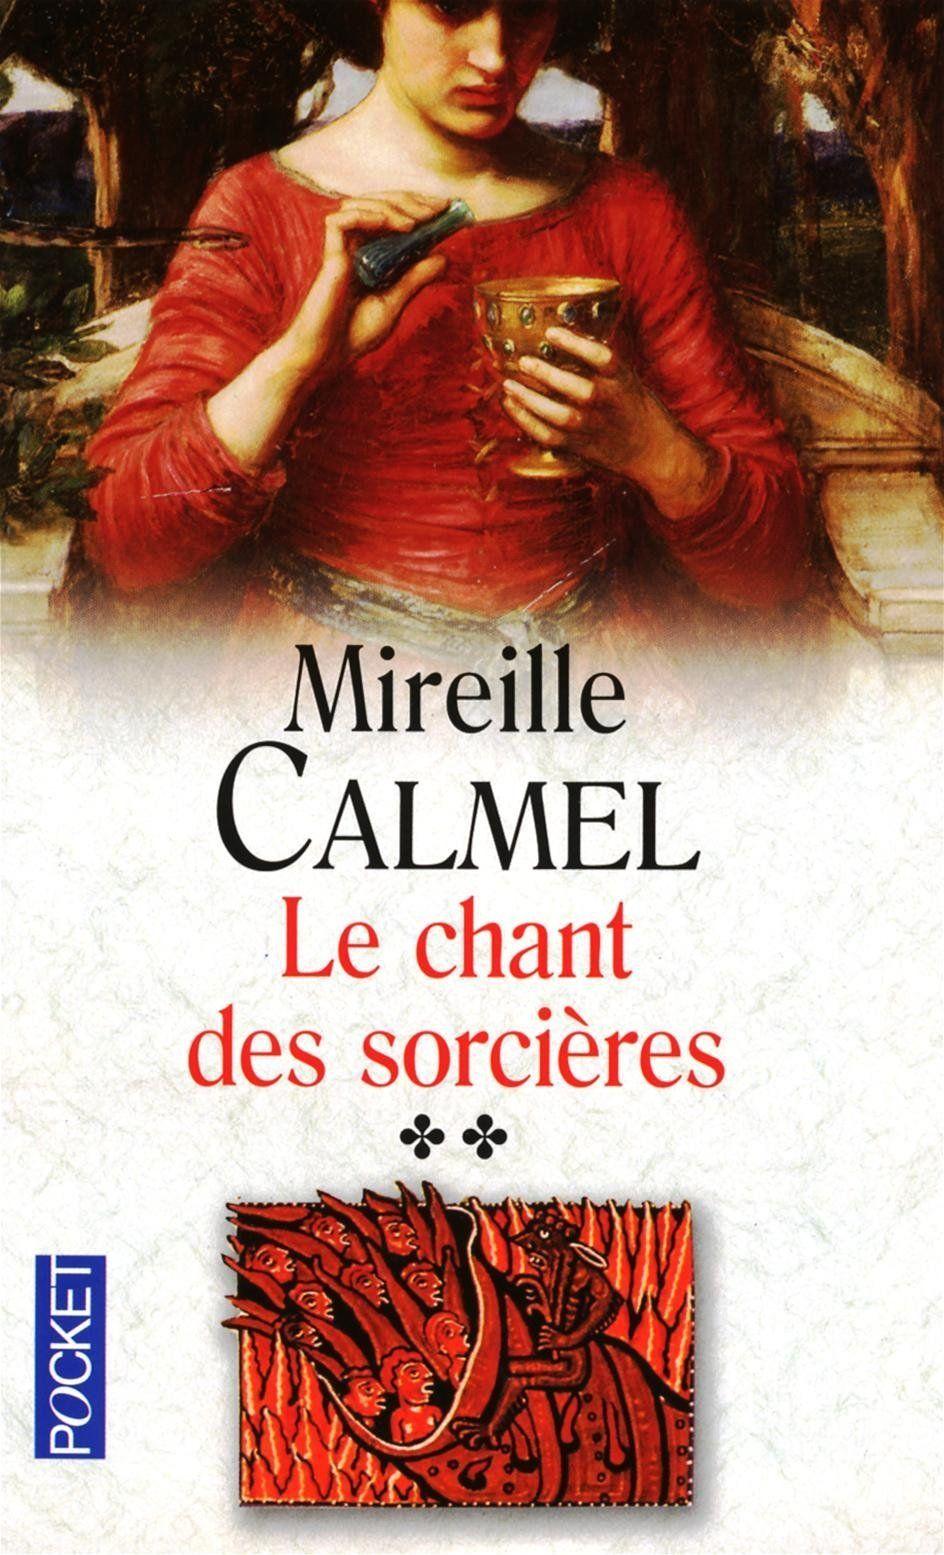 Amazon.fr - Le chant des sorcières - Mireille CALMEL - Livres